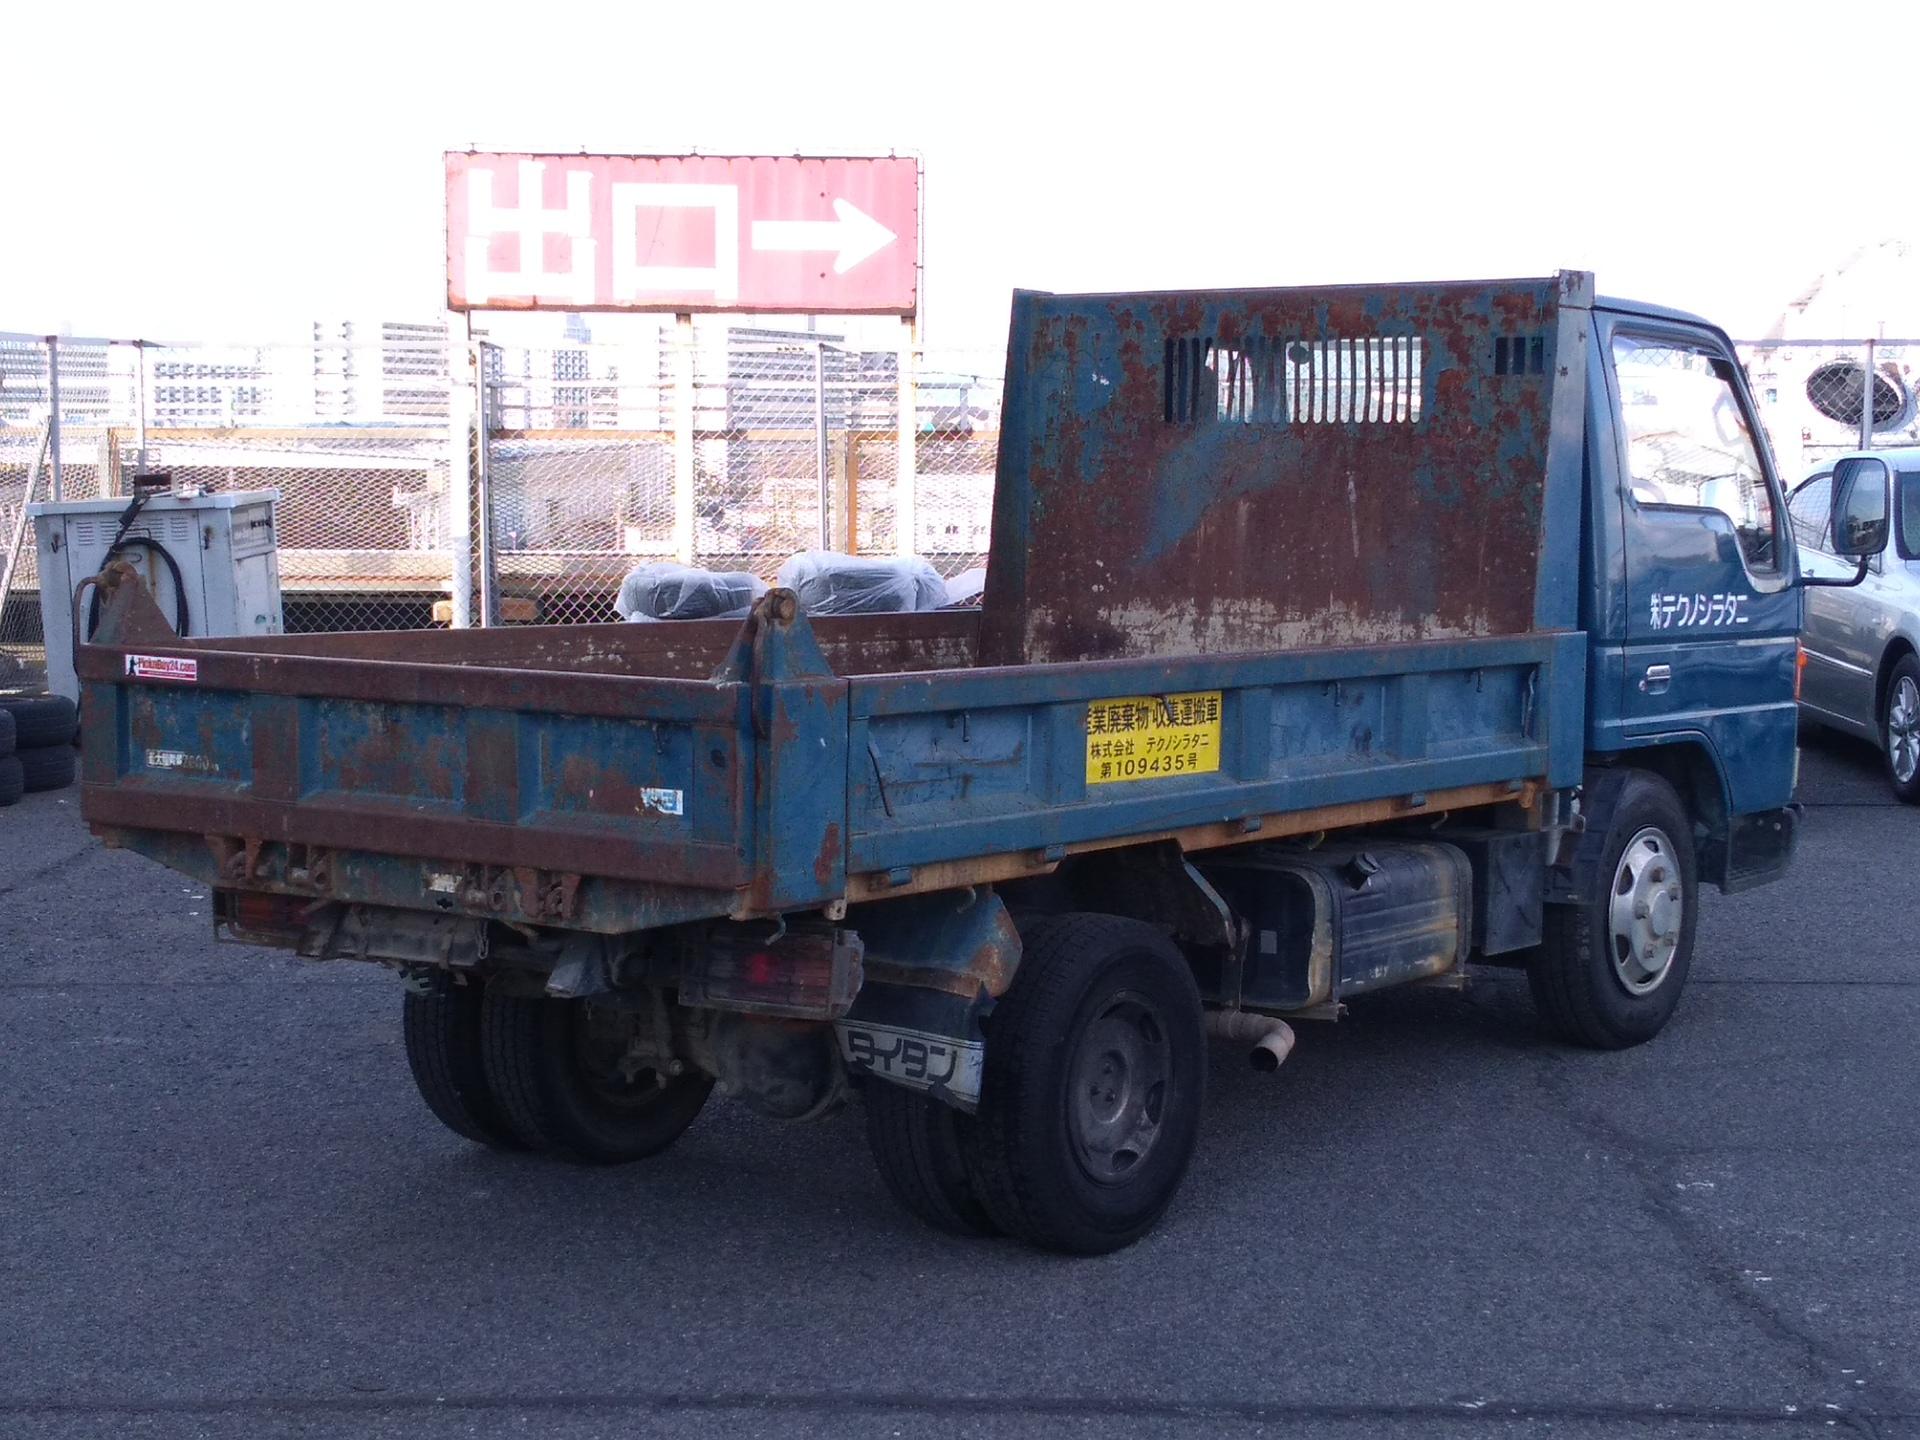 B24010150 pht02